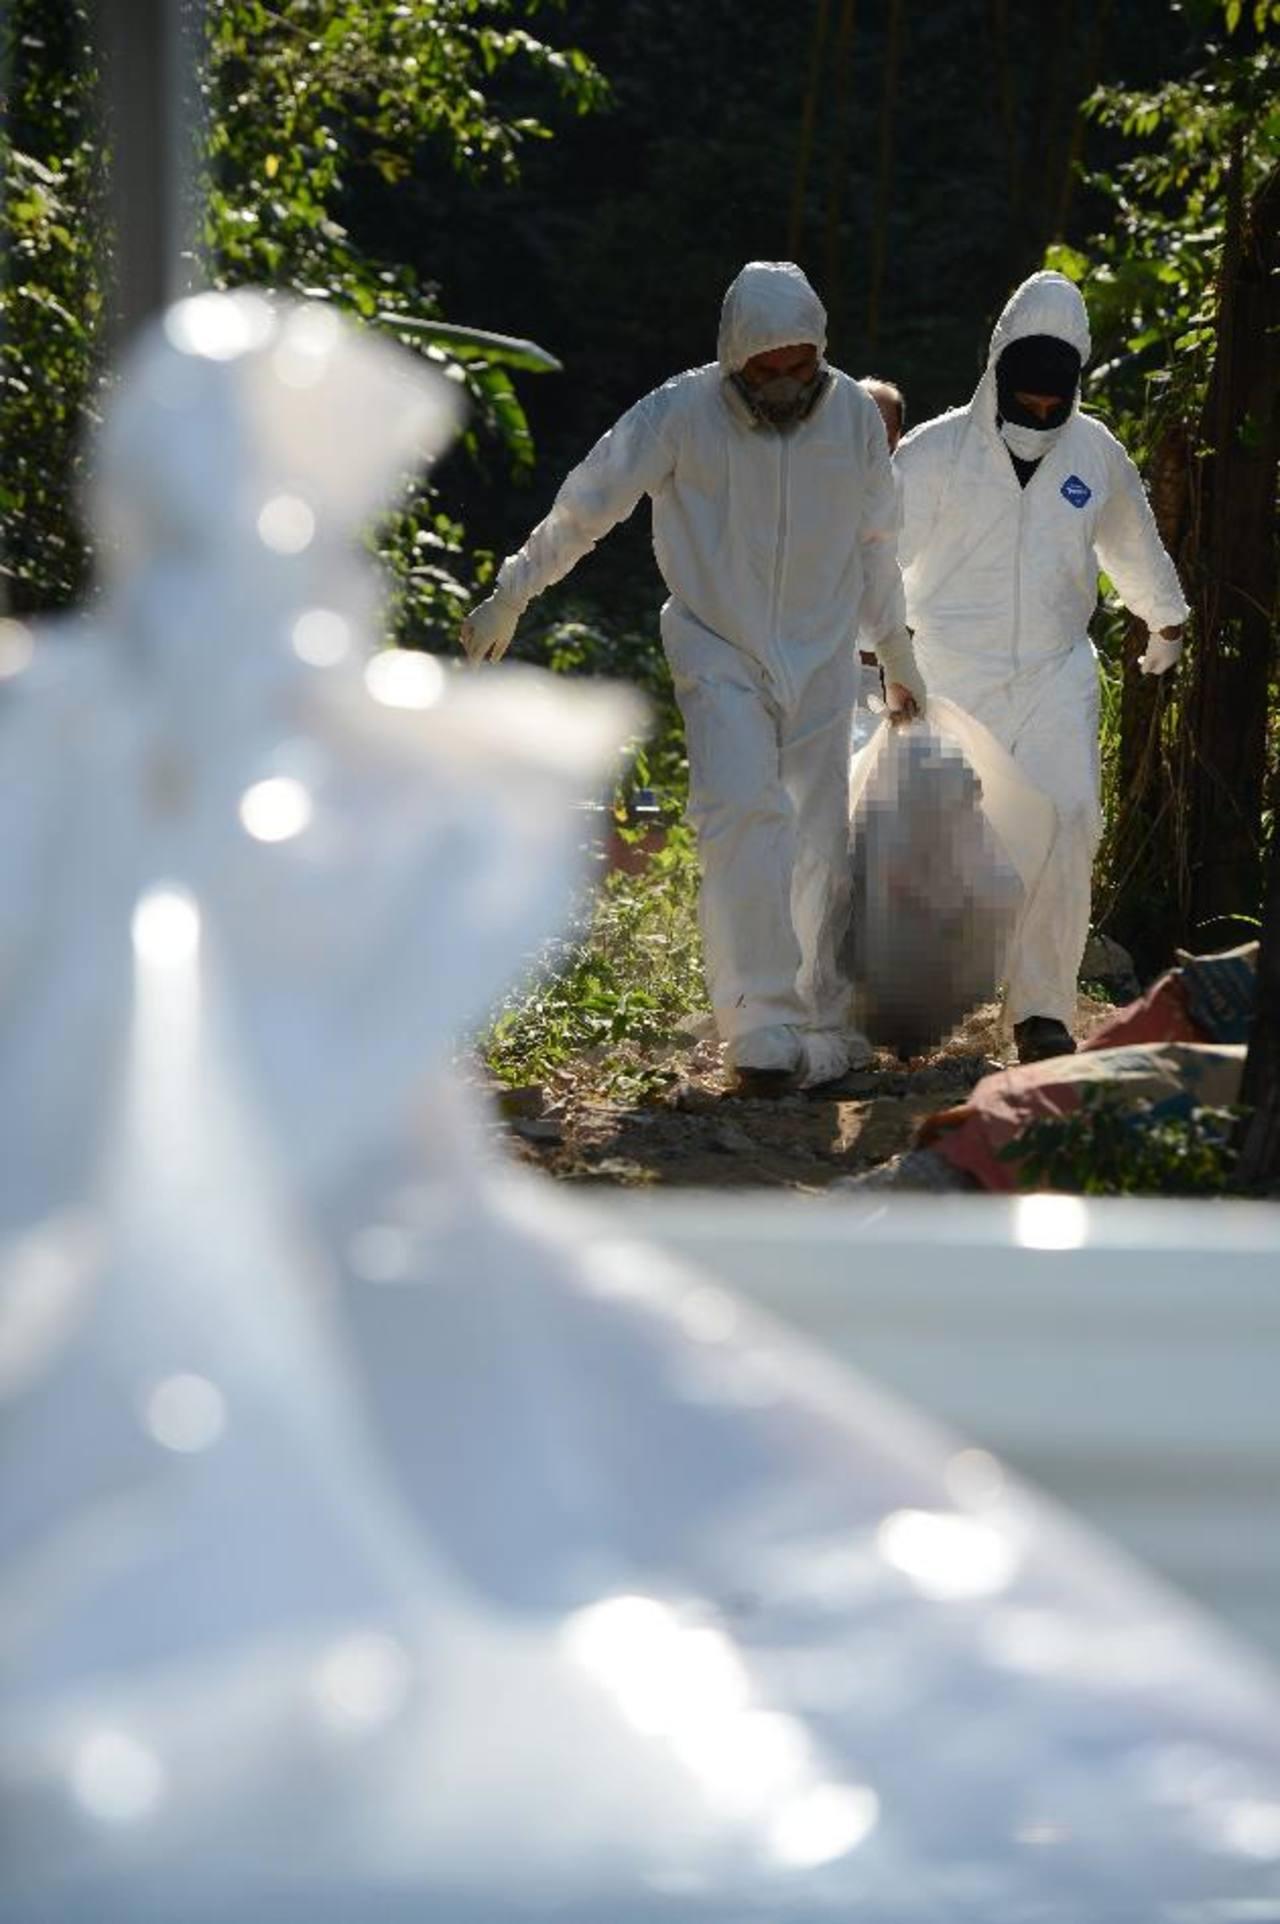 La Policía informó que los hombres estaban atados y tenían varias heridas de bala y quemaduras. Foto EDH / Douglas Urquilla